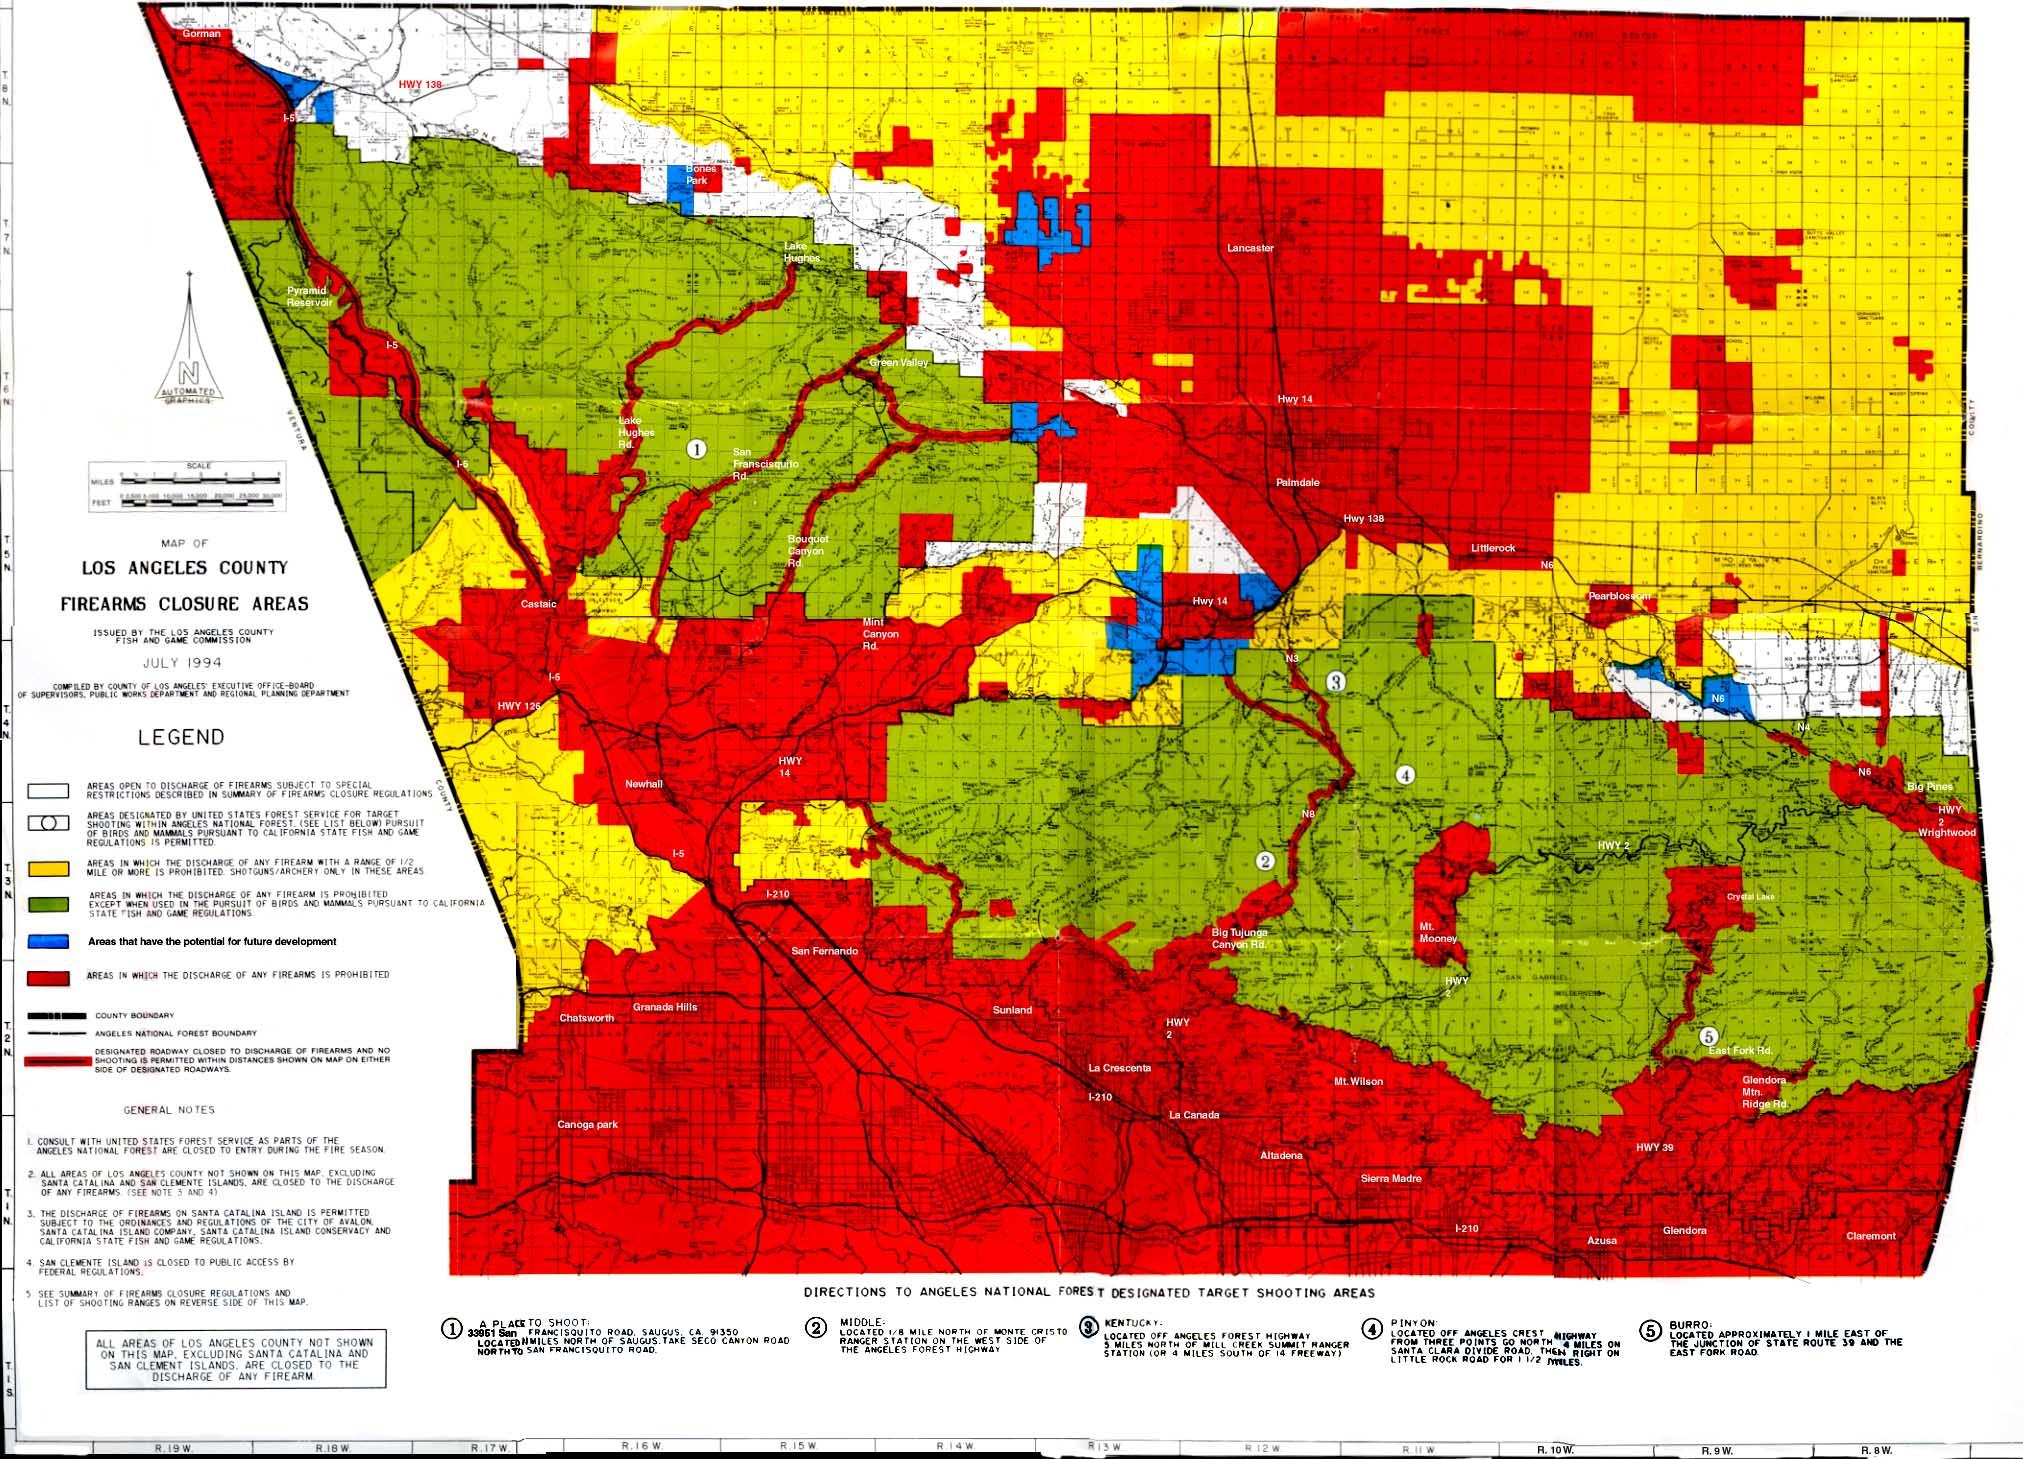 Blm Maps California California River Map Blm Map California Big Of - Blm Hunting Maps California